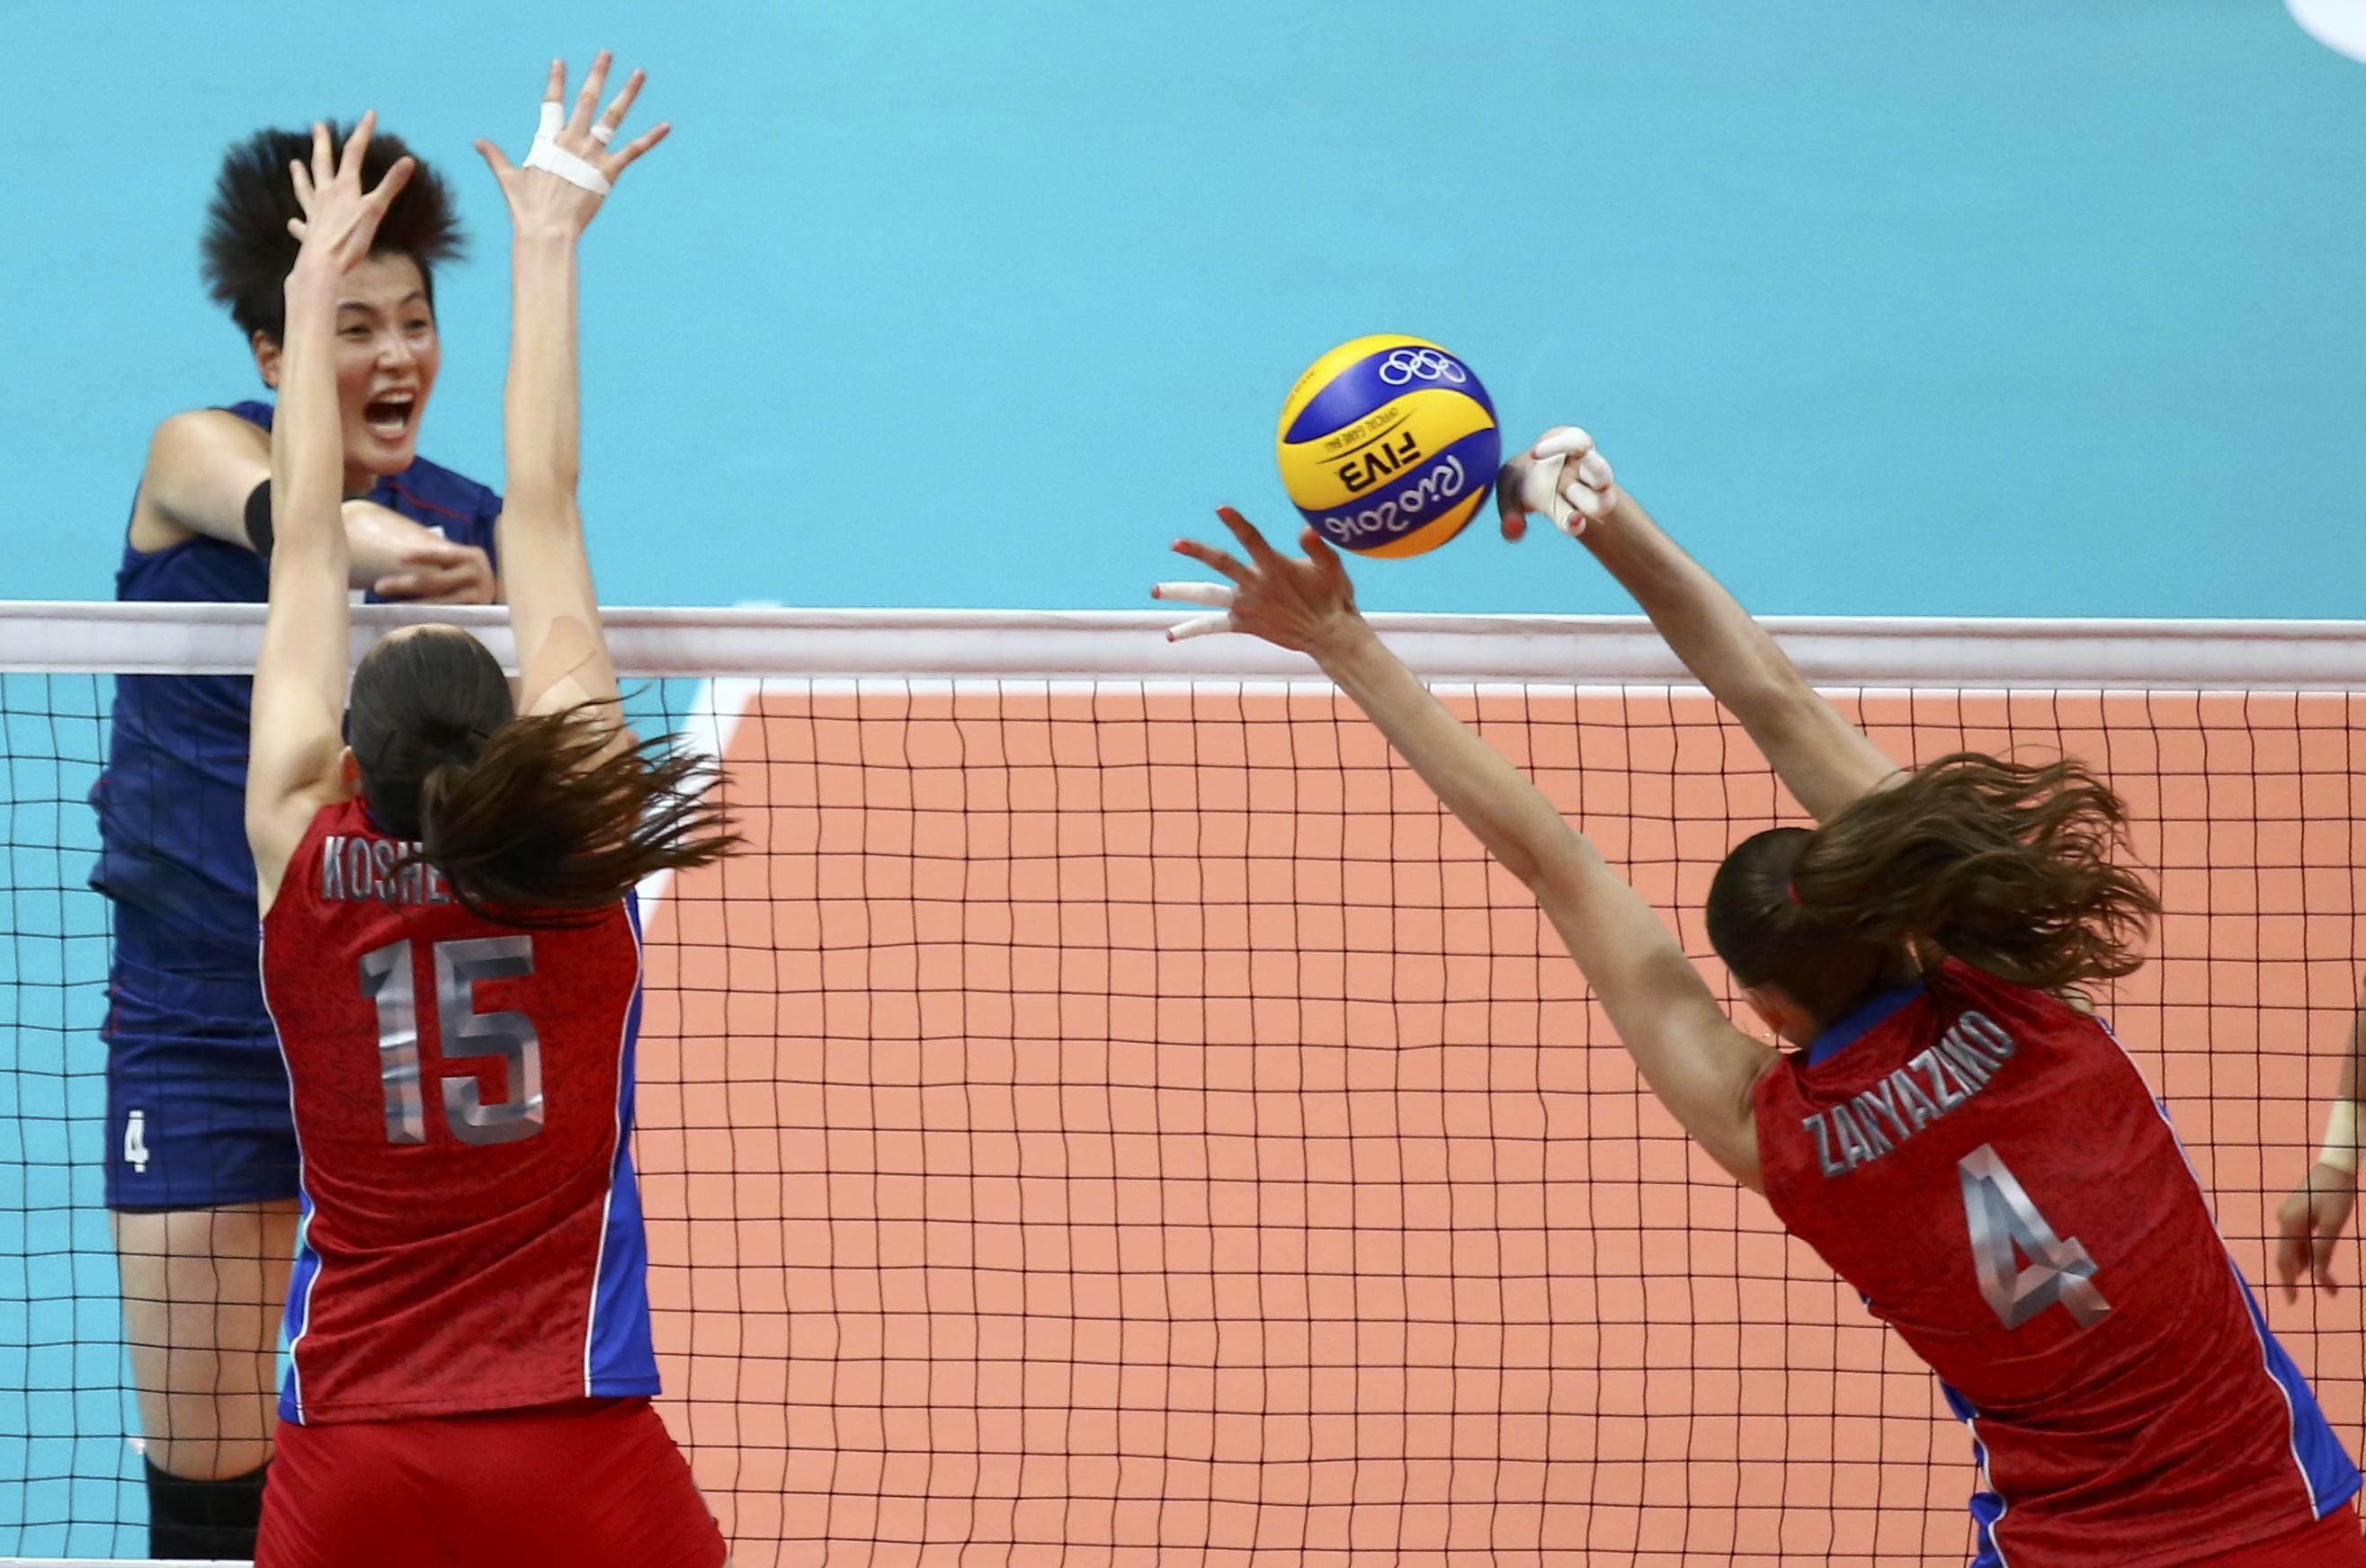 Олимпиада волейбол мужчины 17 фотография